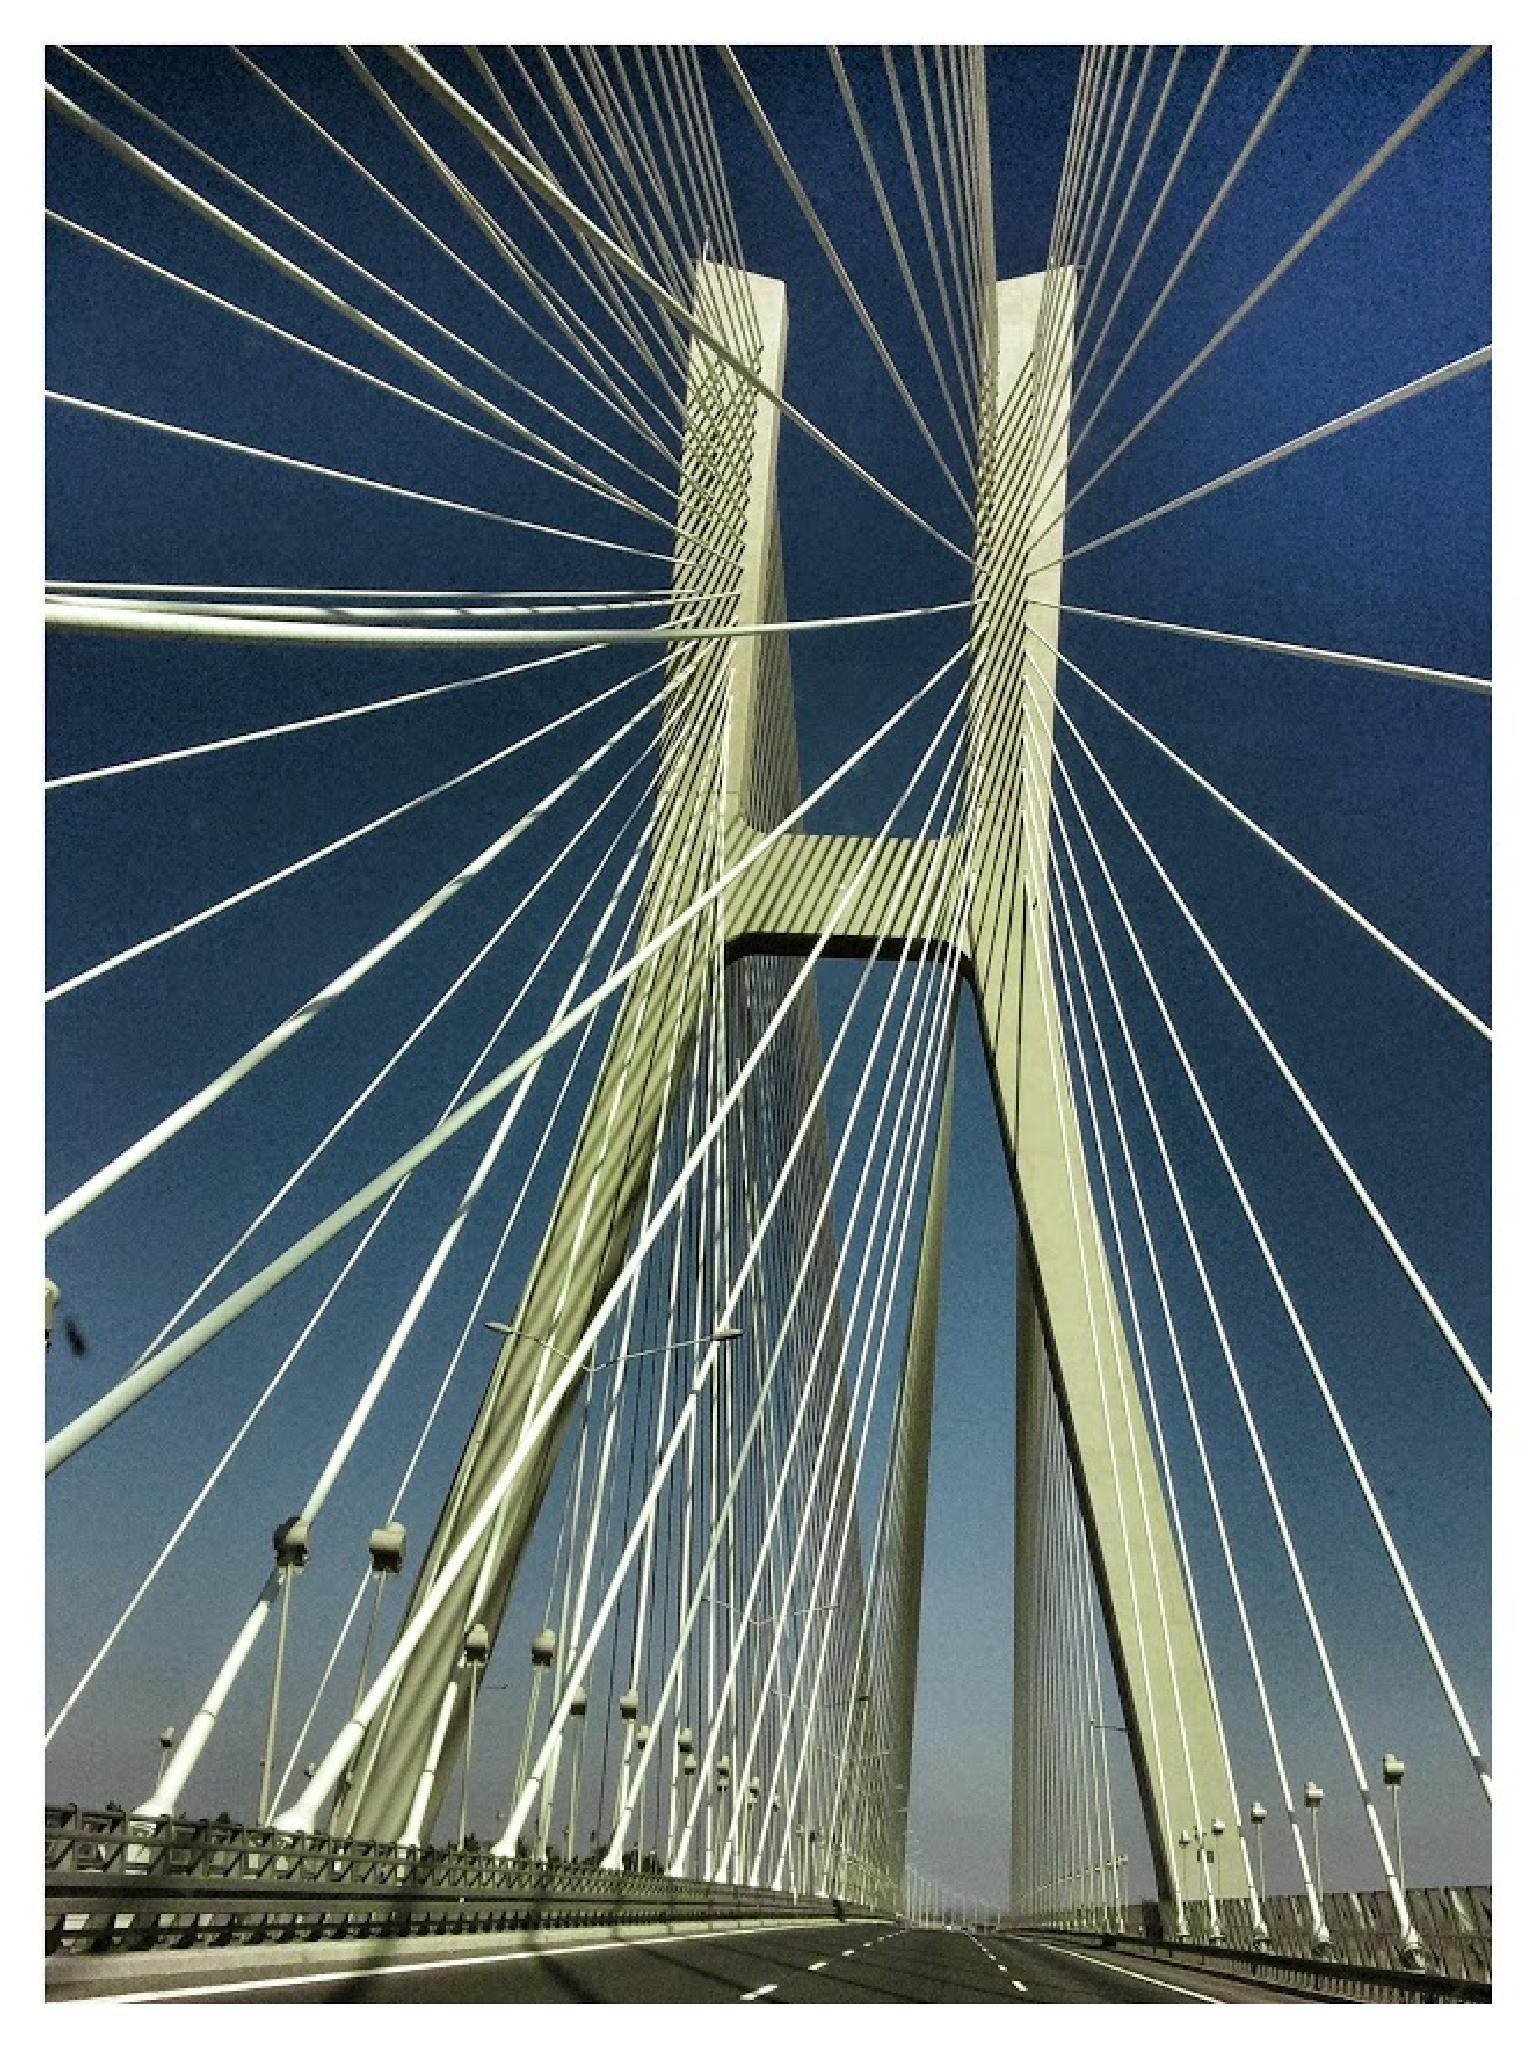 Bridge in Wroclaw by alesingr5